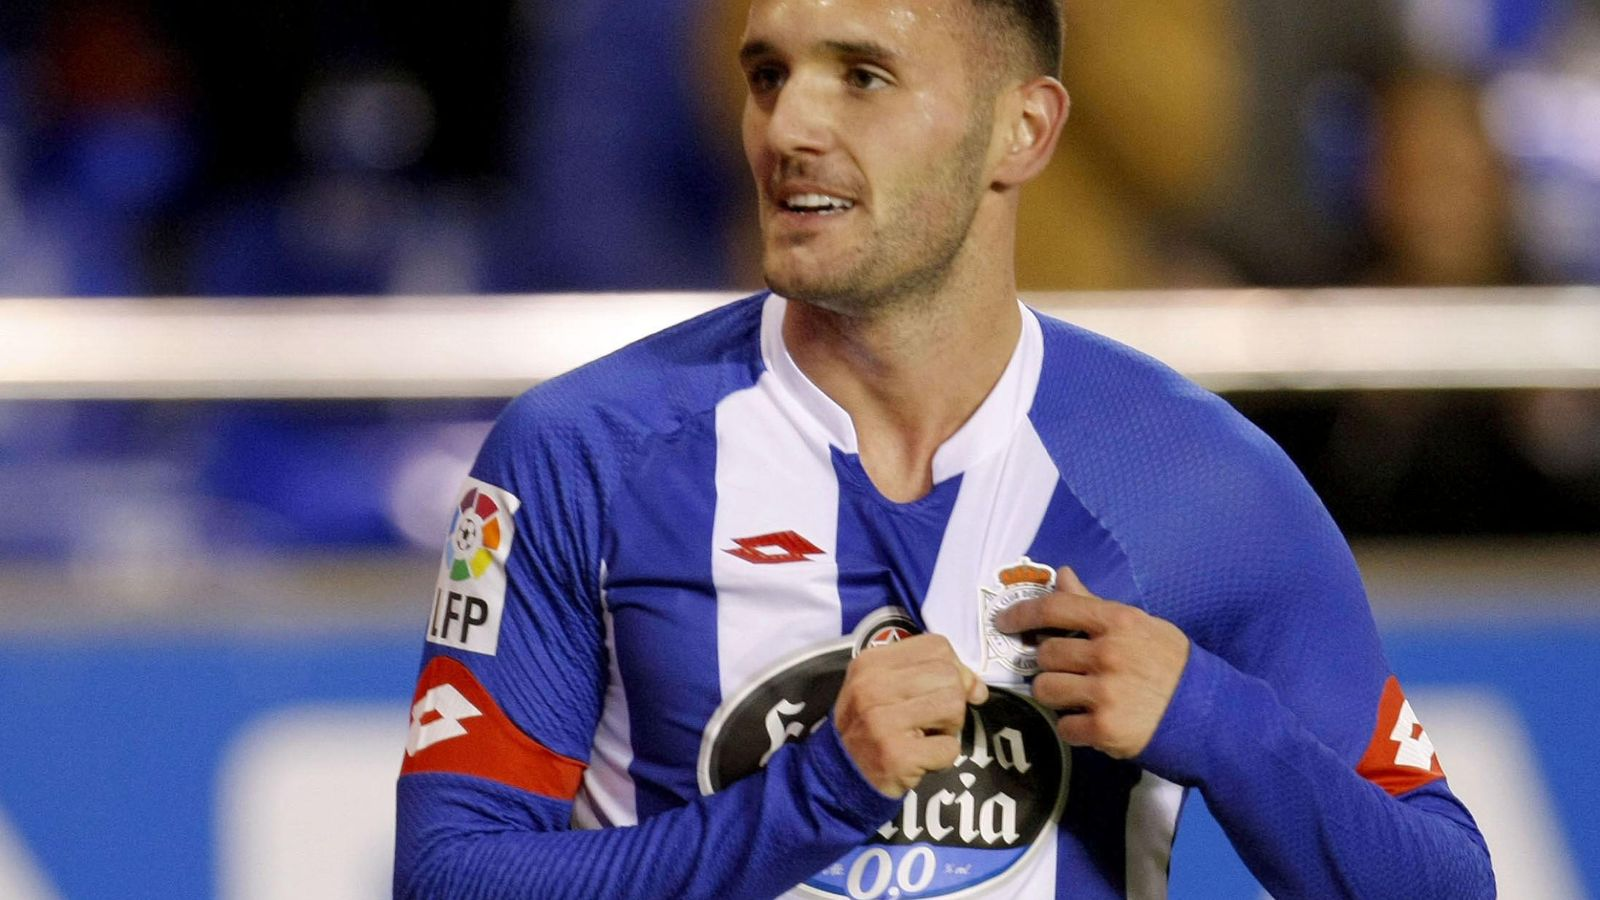 Foto: La soberbia temporada de Lucas Pérez le ha colocado en el punto de mira del Atlético de Madrid (EFE)